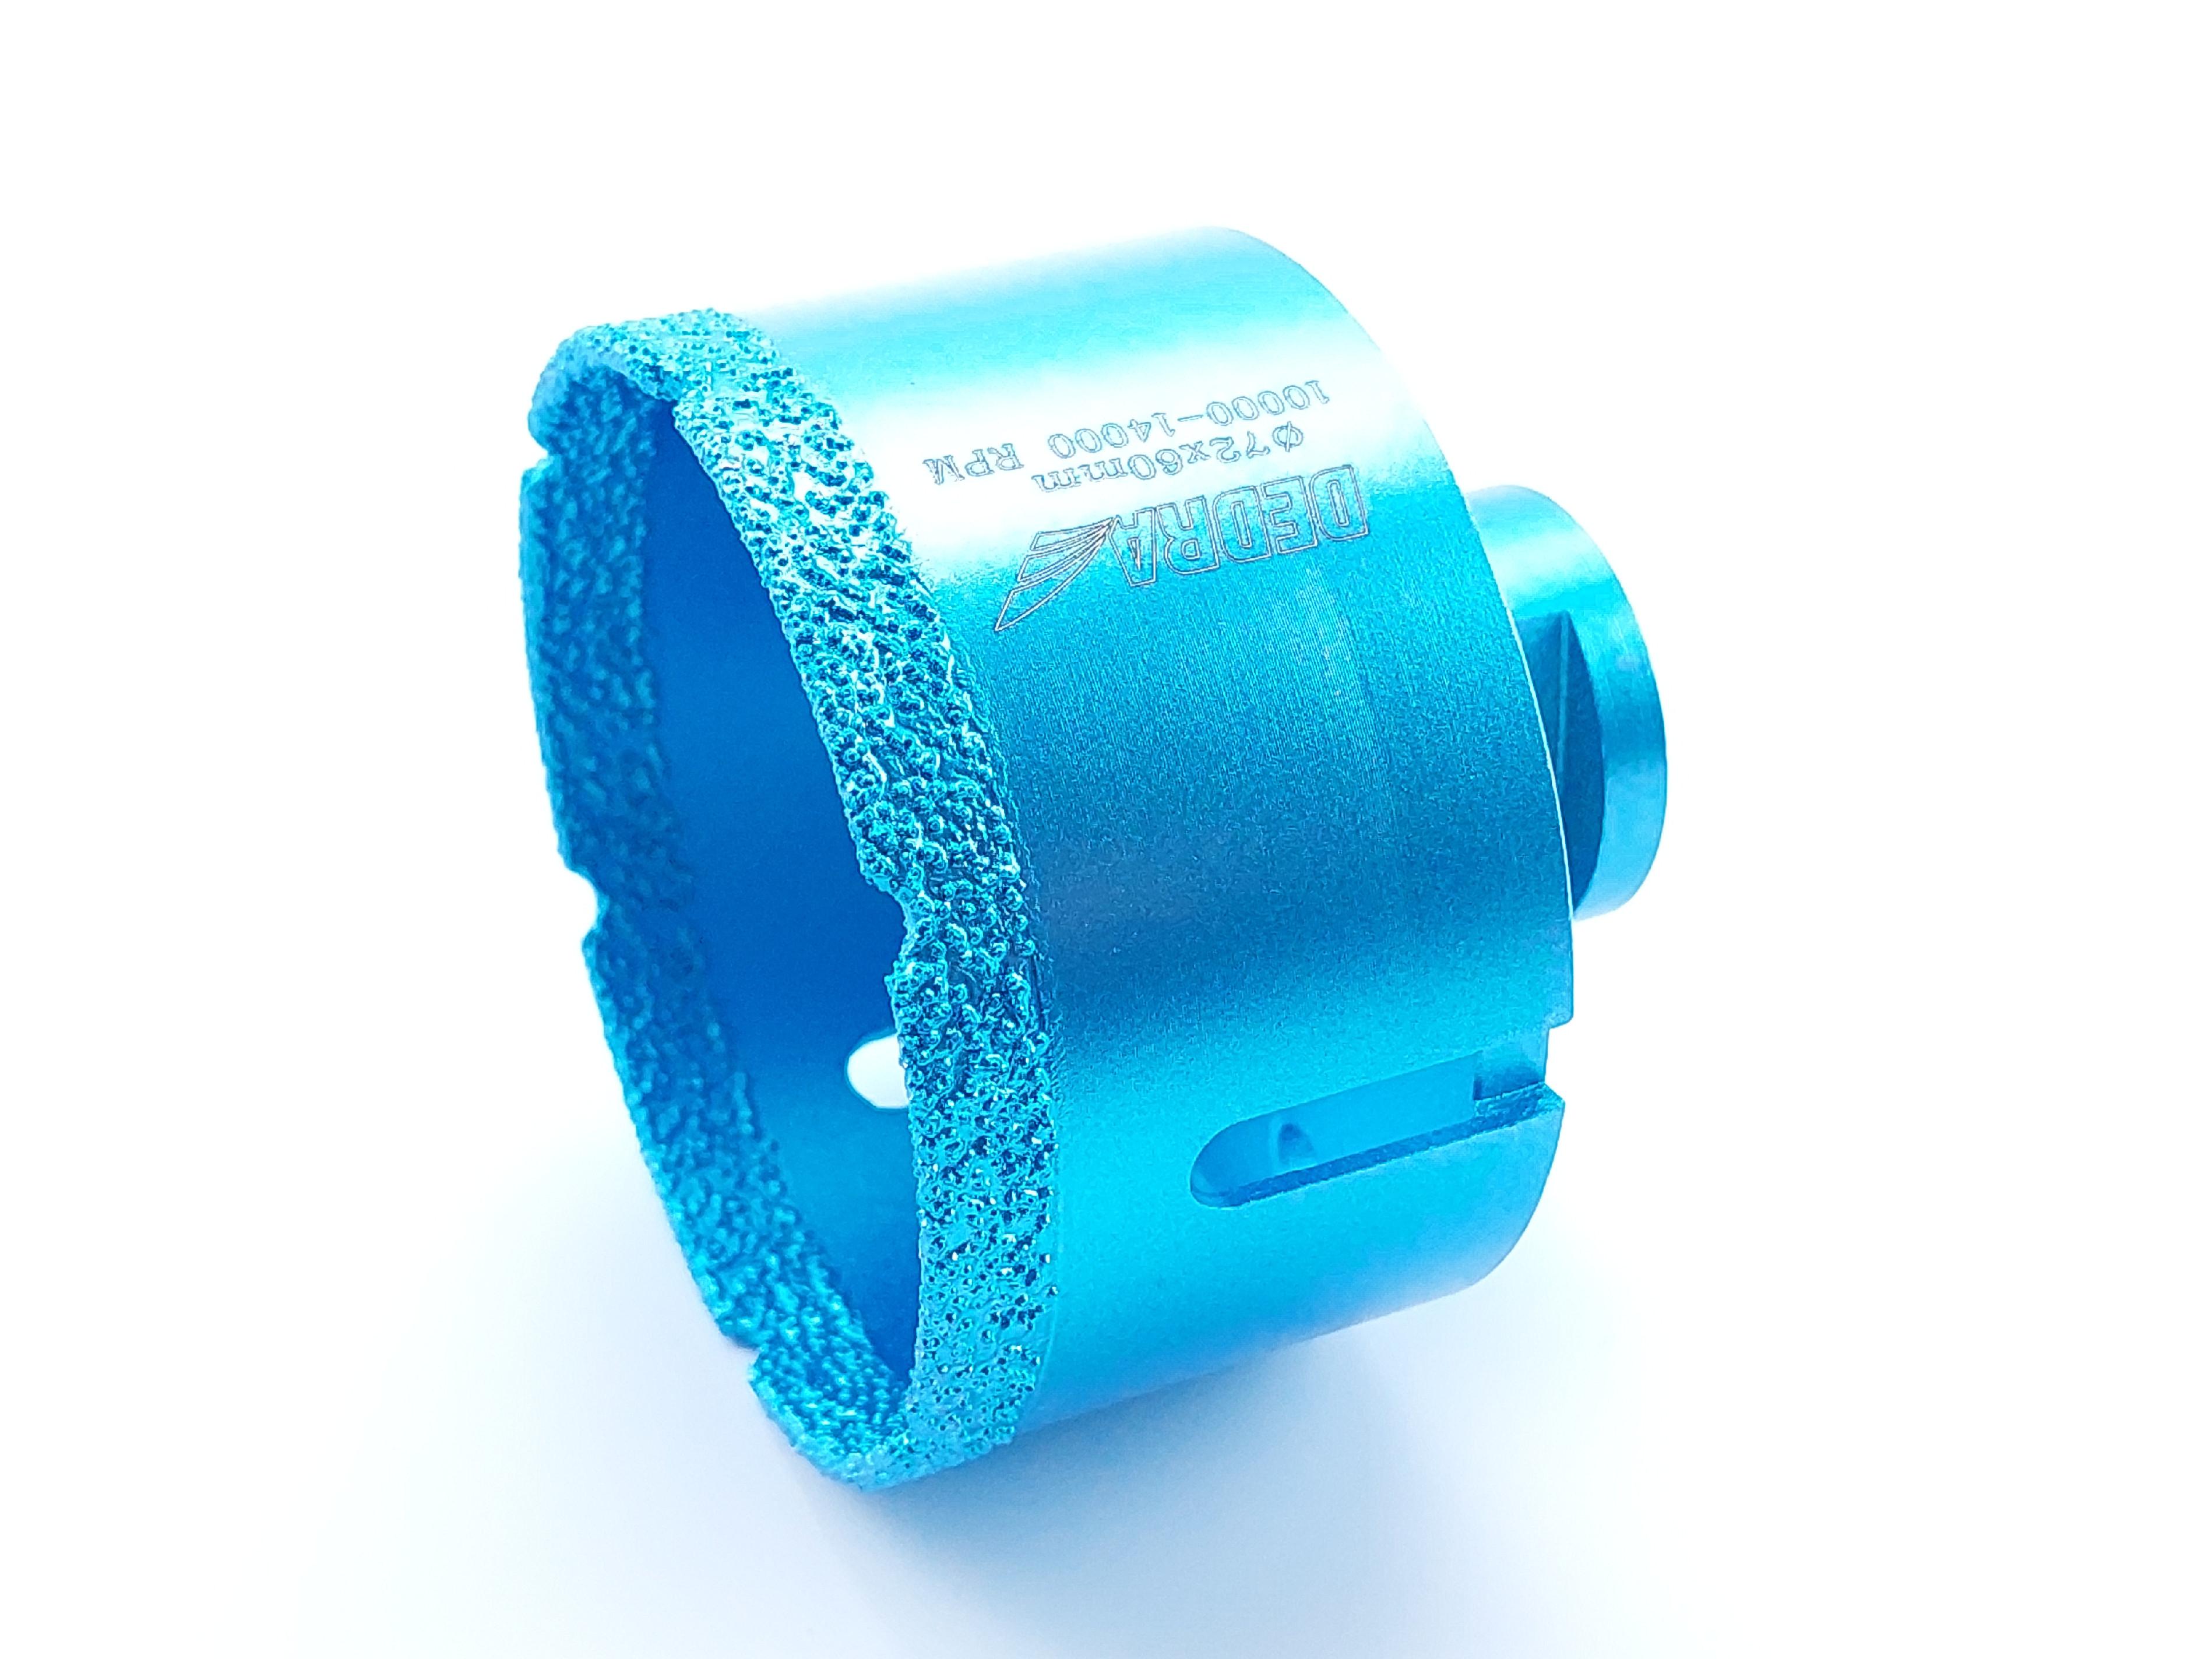 Diamantová vrtací korunka Vacuum brazed do úhlové brusky; průměr 72mm